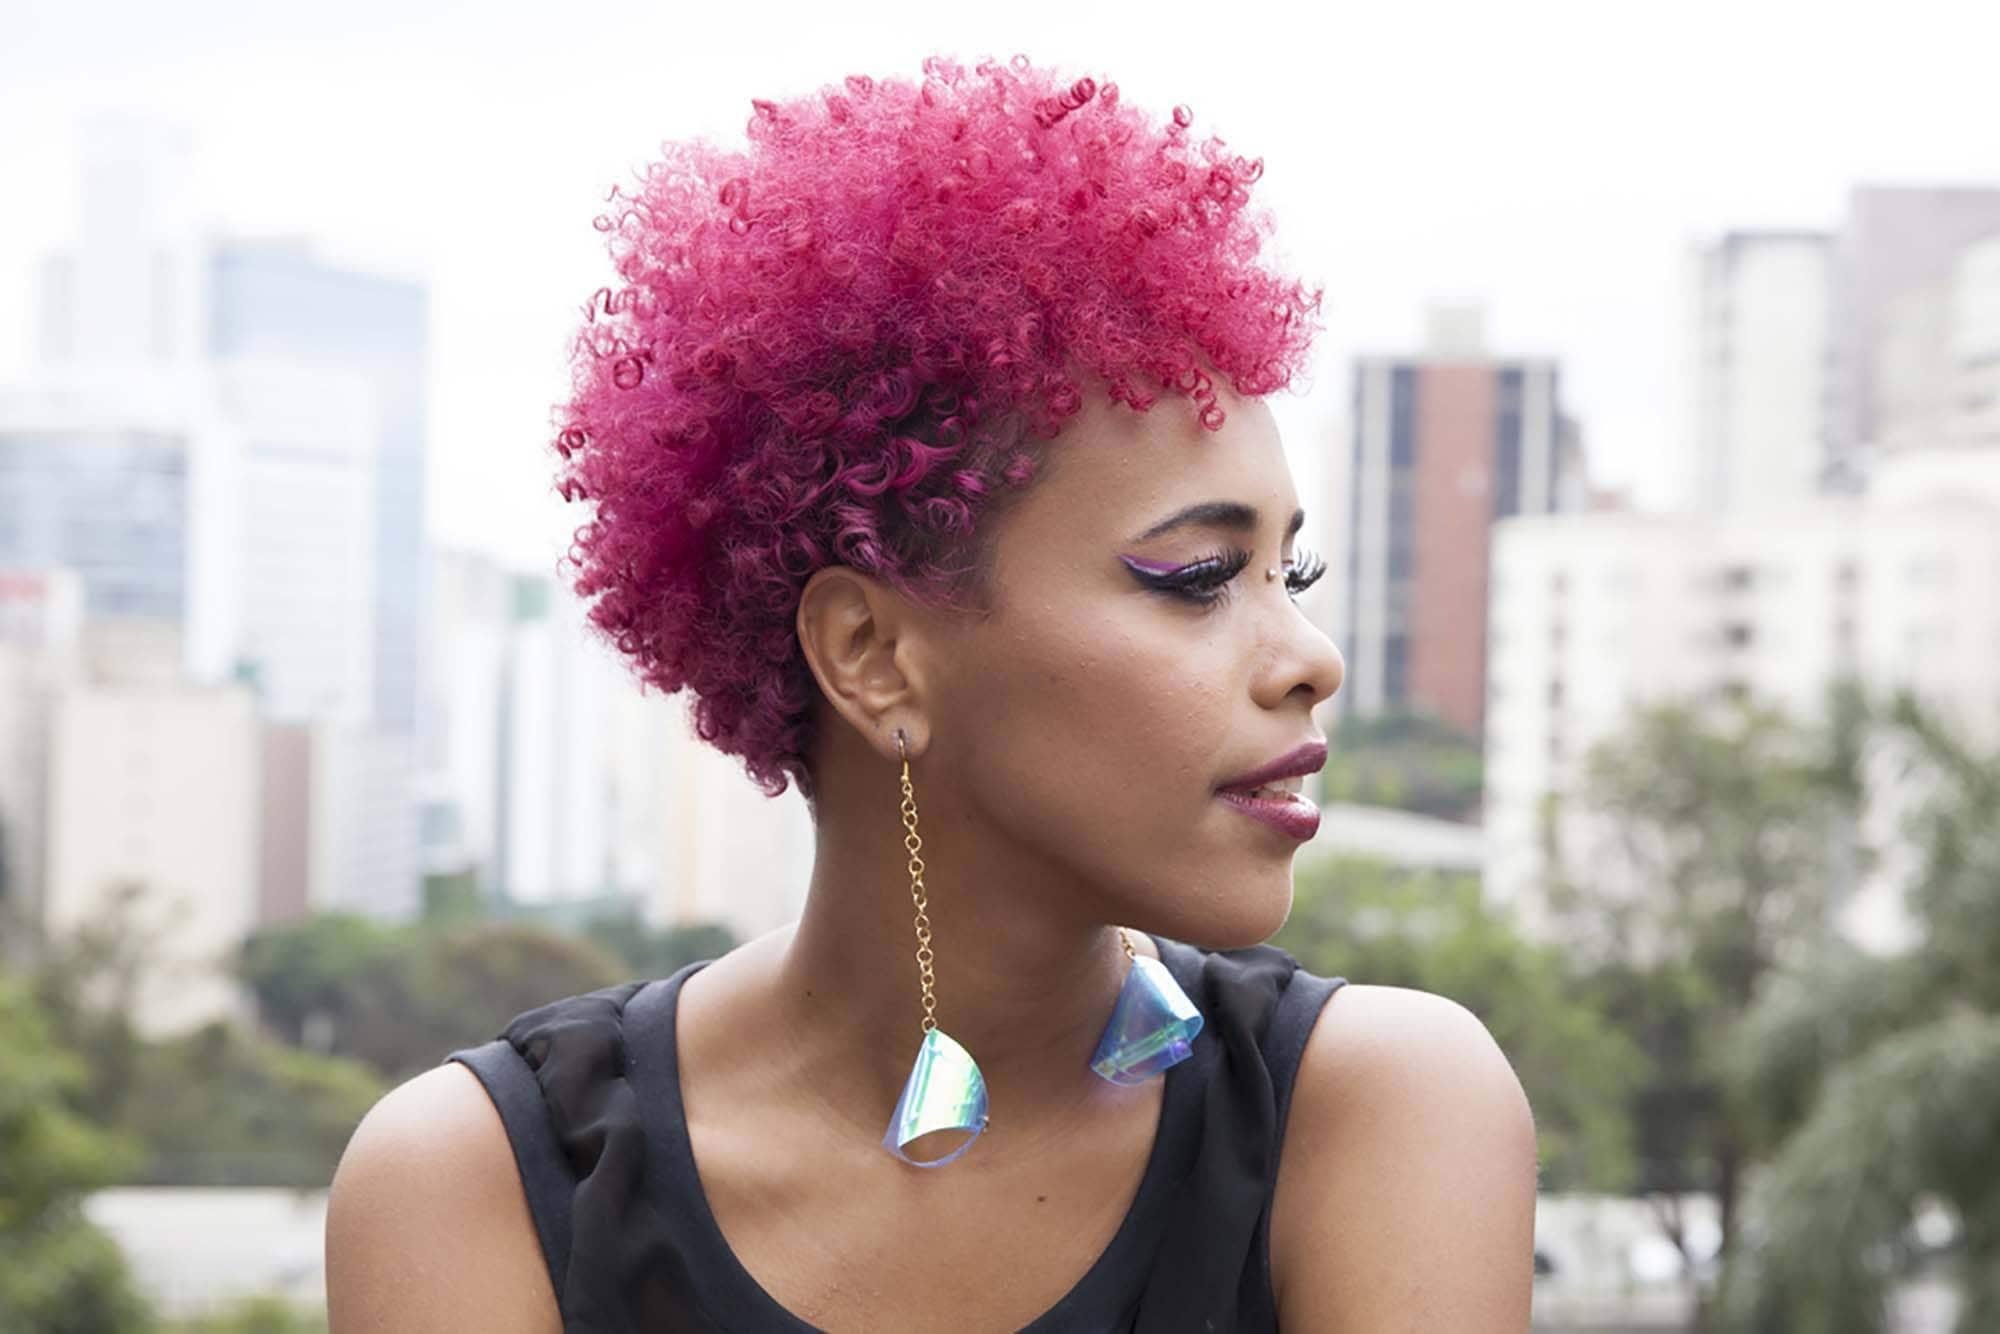 Warna rambut pink deep magenta.